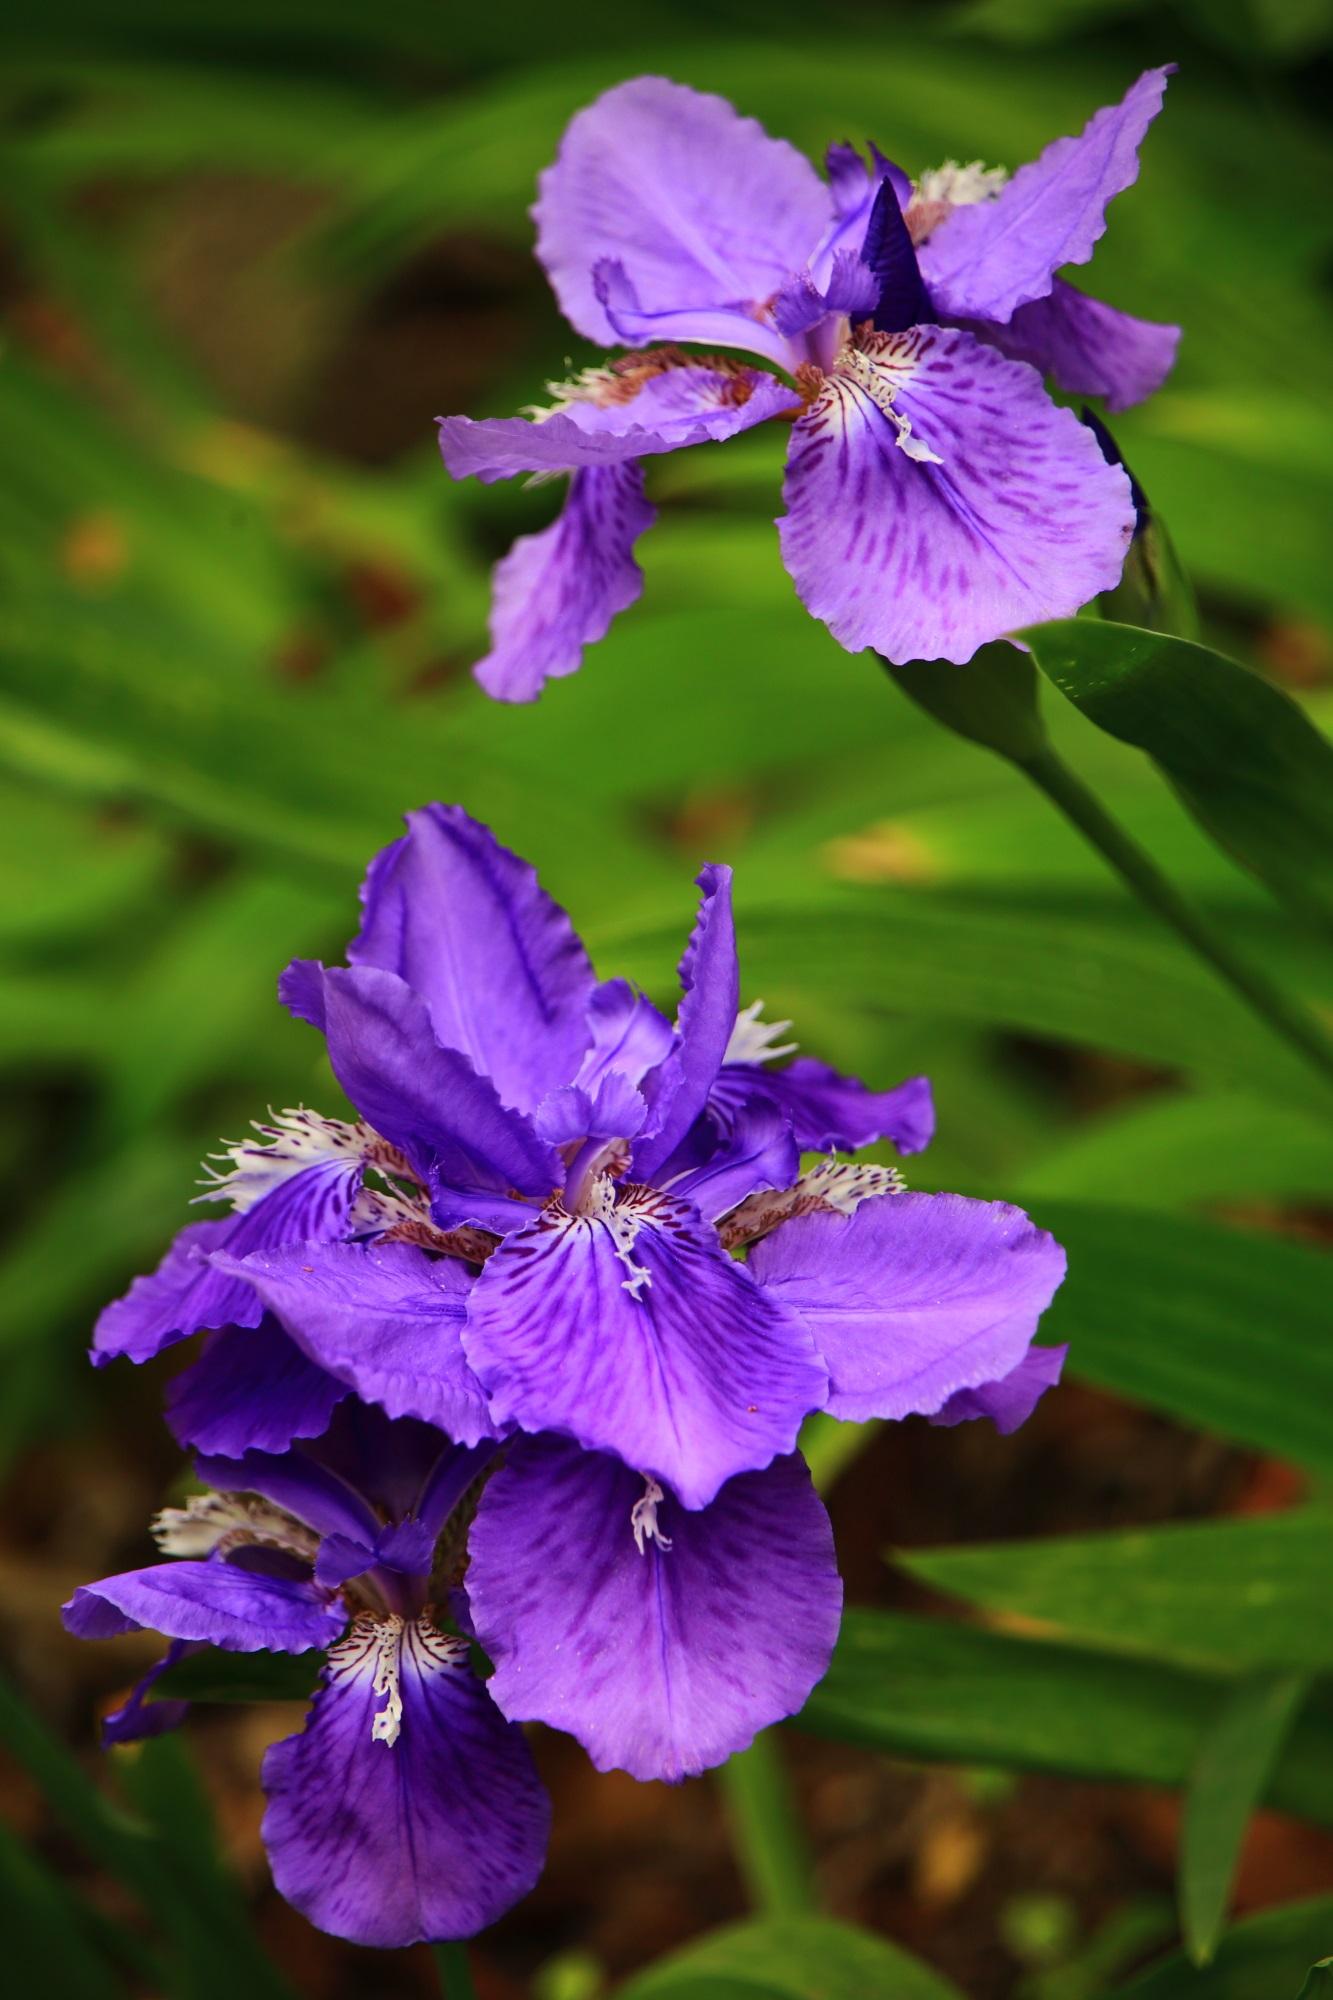 鮮やかで妖艶な色合いの花をしている上御霊神社のイチハツ